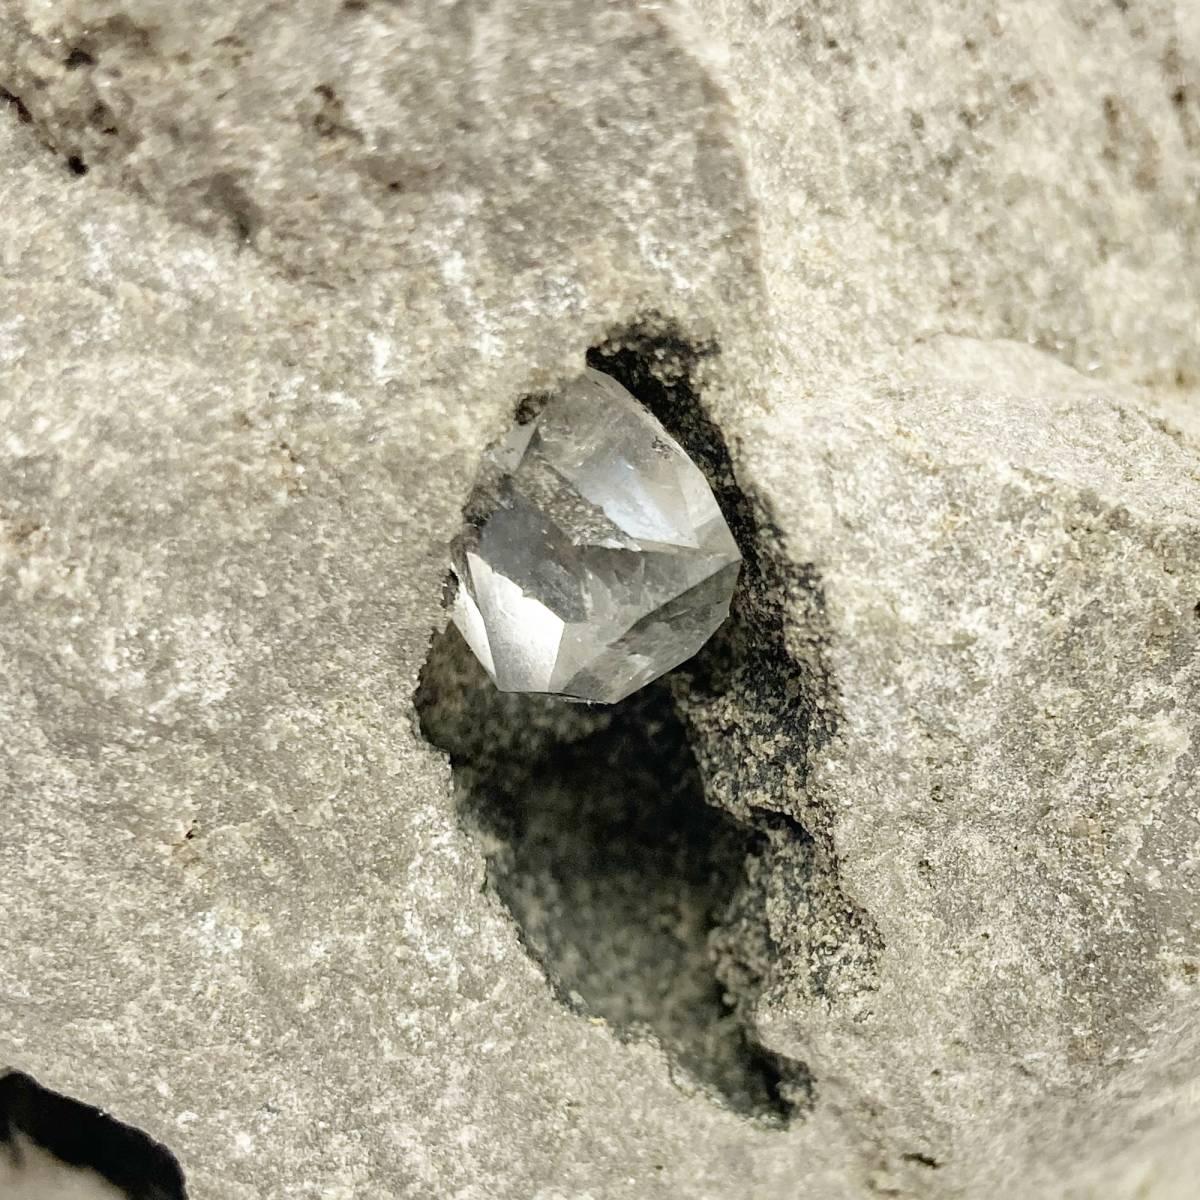 【ドリームクリスタル】ハーキマーダイアモンド原石(母岩付き) 691g 送料無料 天然石 原石